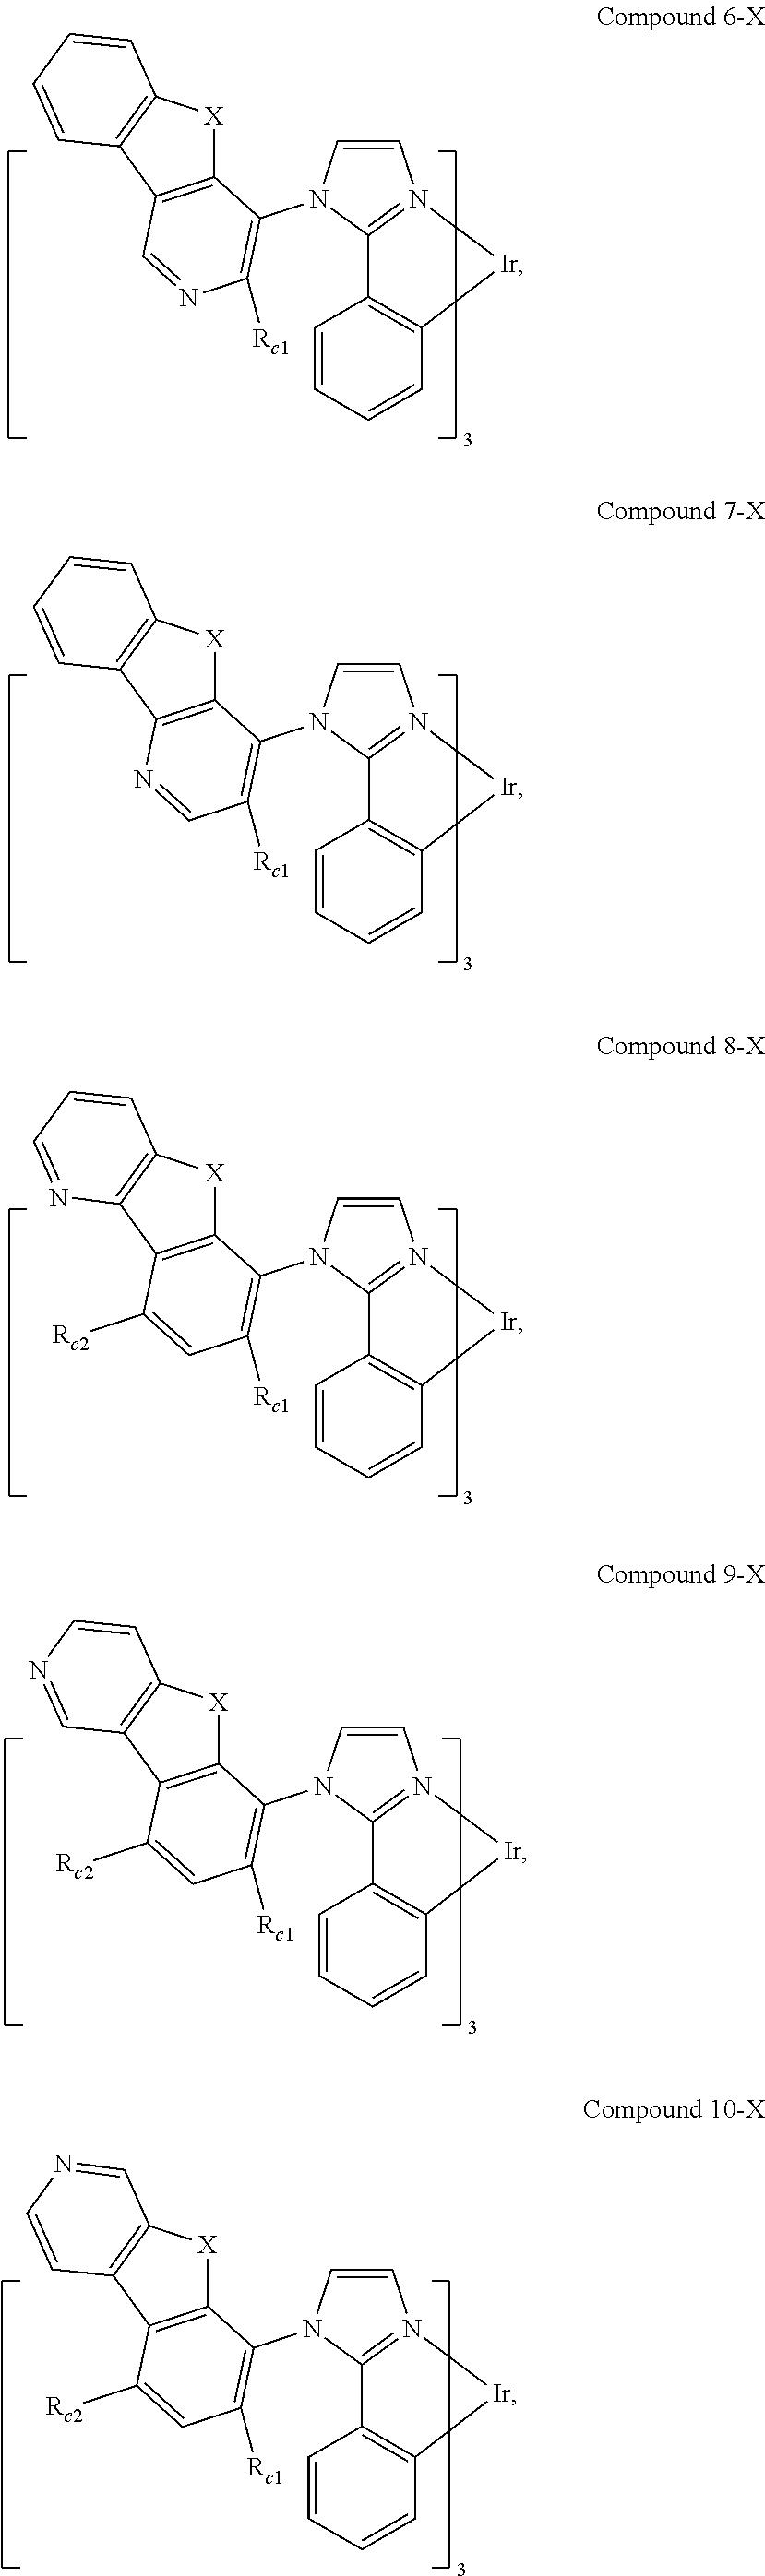 Figure US09978958-20180522-C00025